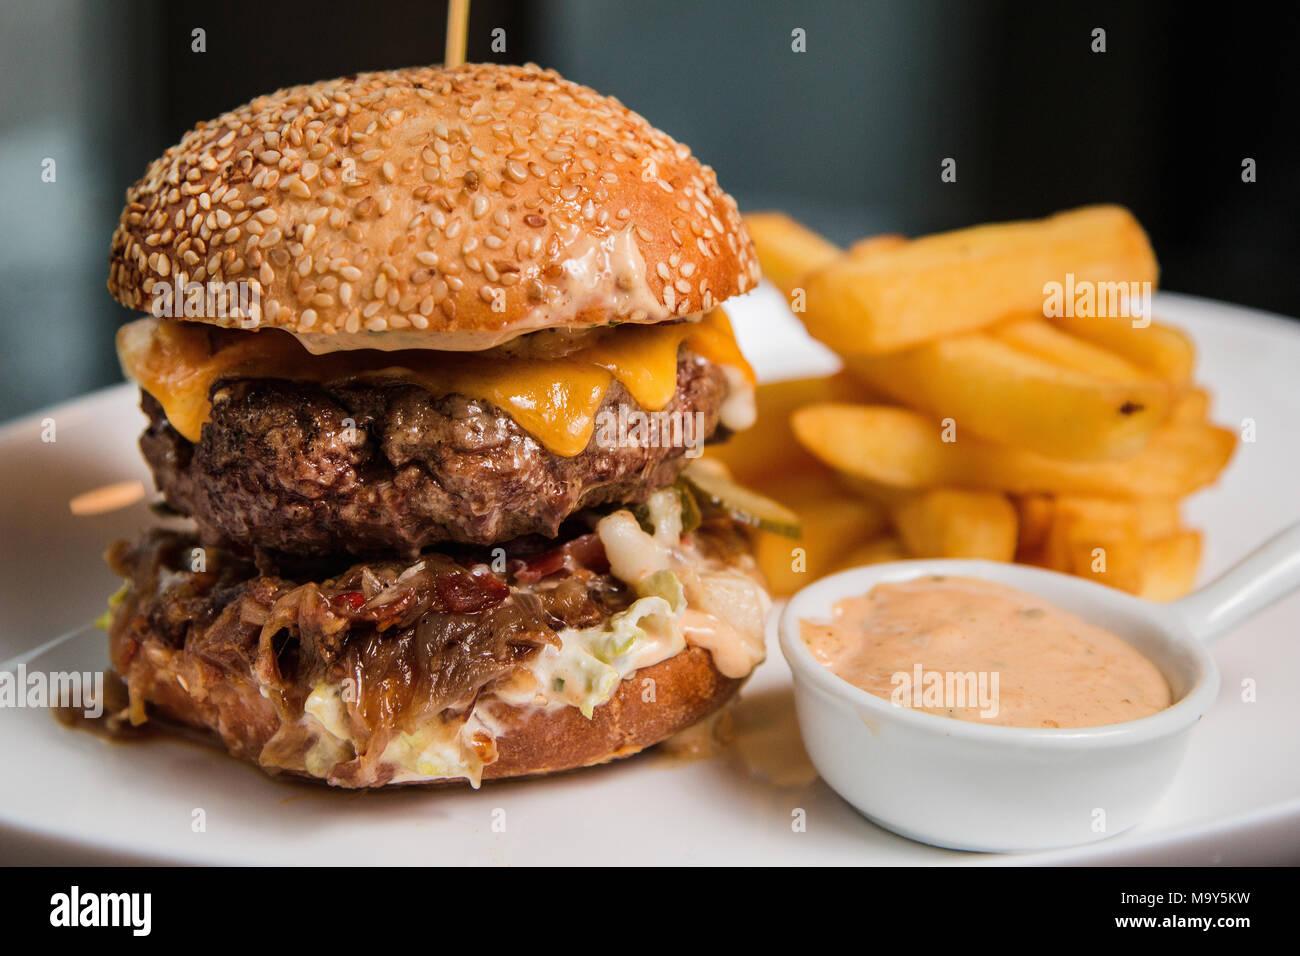 In prossimità di una gustosa burger con salsa di pomodoro e patate fritte Immagini Stock